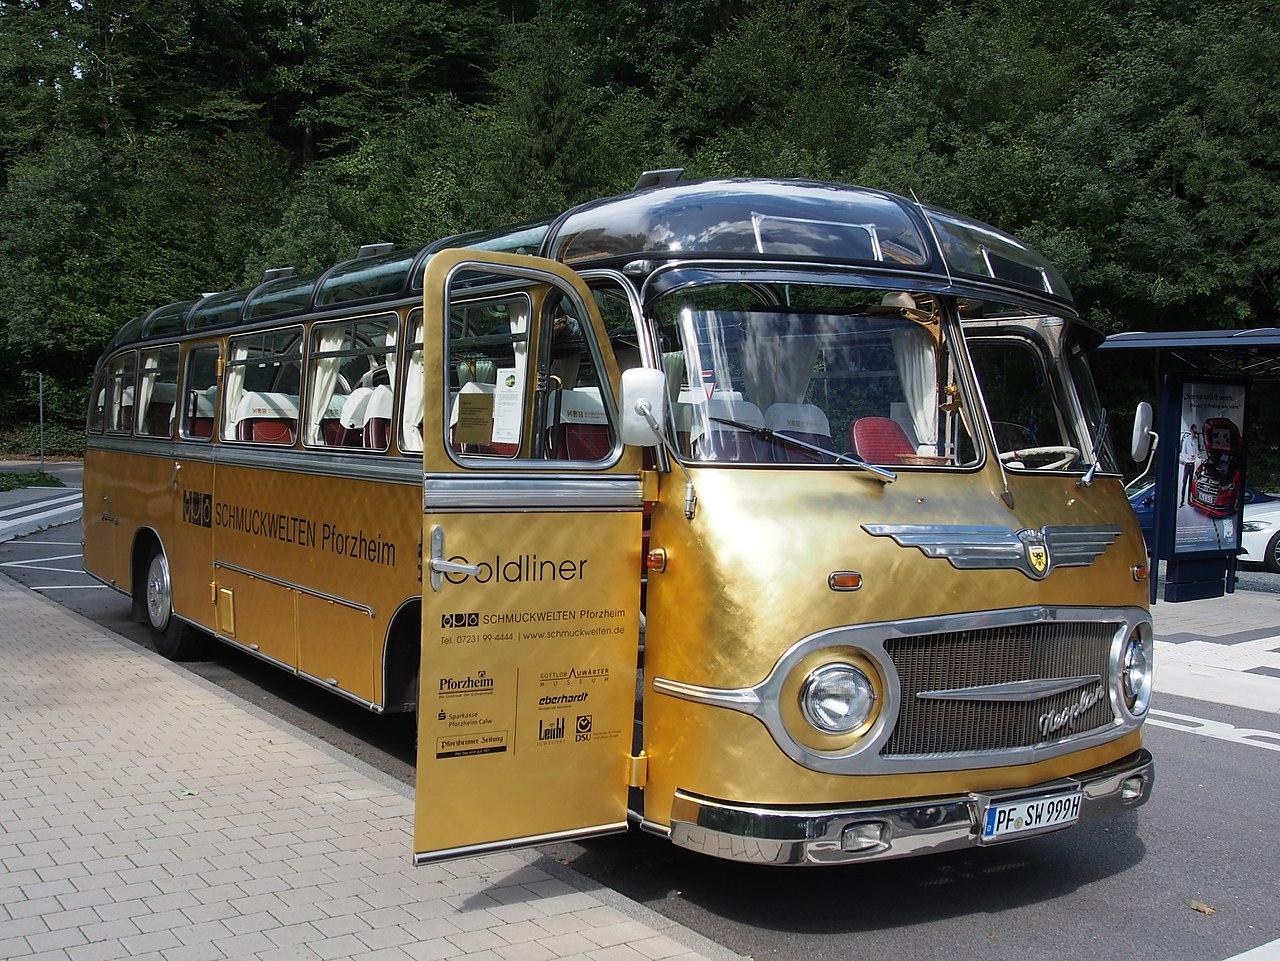 Пфорцхайм, Германия: зачем ехать, чем заняться, где поесть, советы туристов